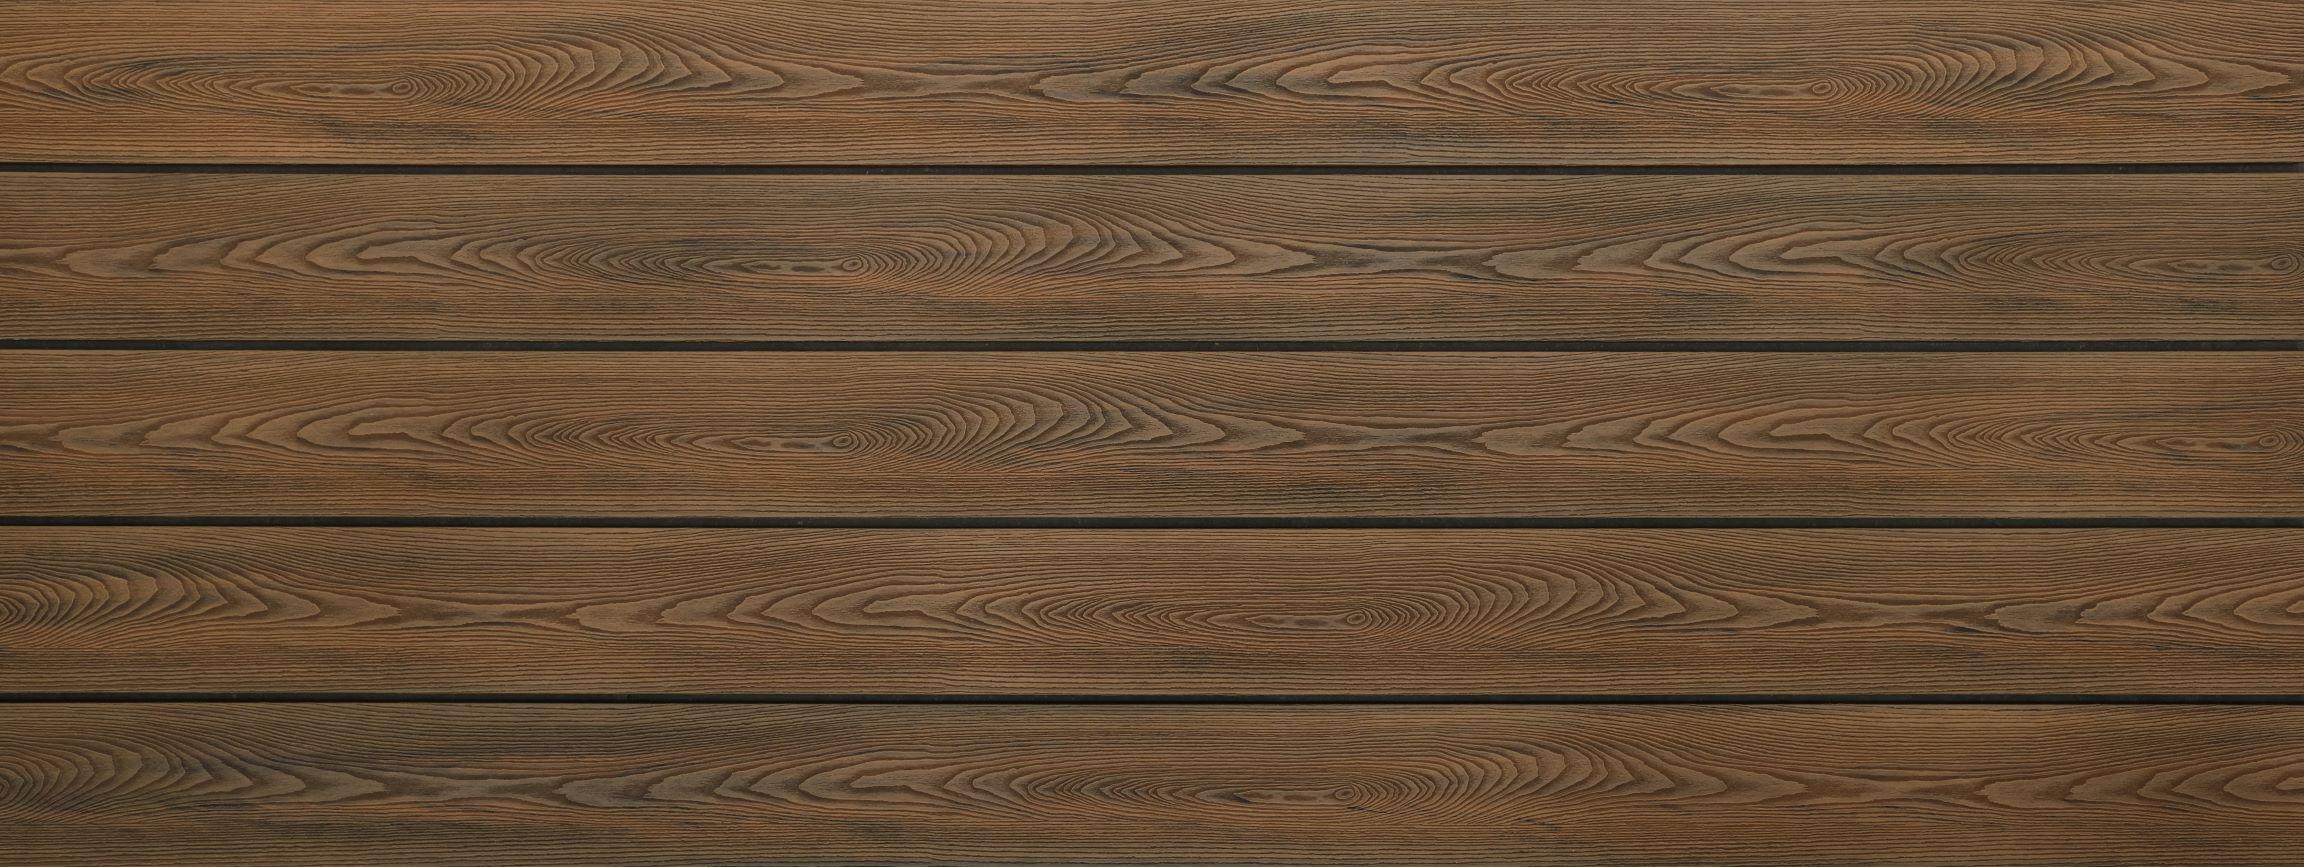 WPC Terrassendielen massiv, Oberfläche mit Struktur in Holzoptik, bicolor im Farbton Thermoeiche, Vollprofil, 22 x 143 bis 4800 mm für 8,40 €/lfm